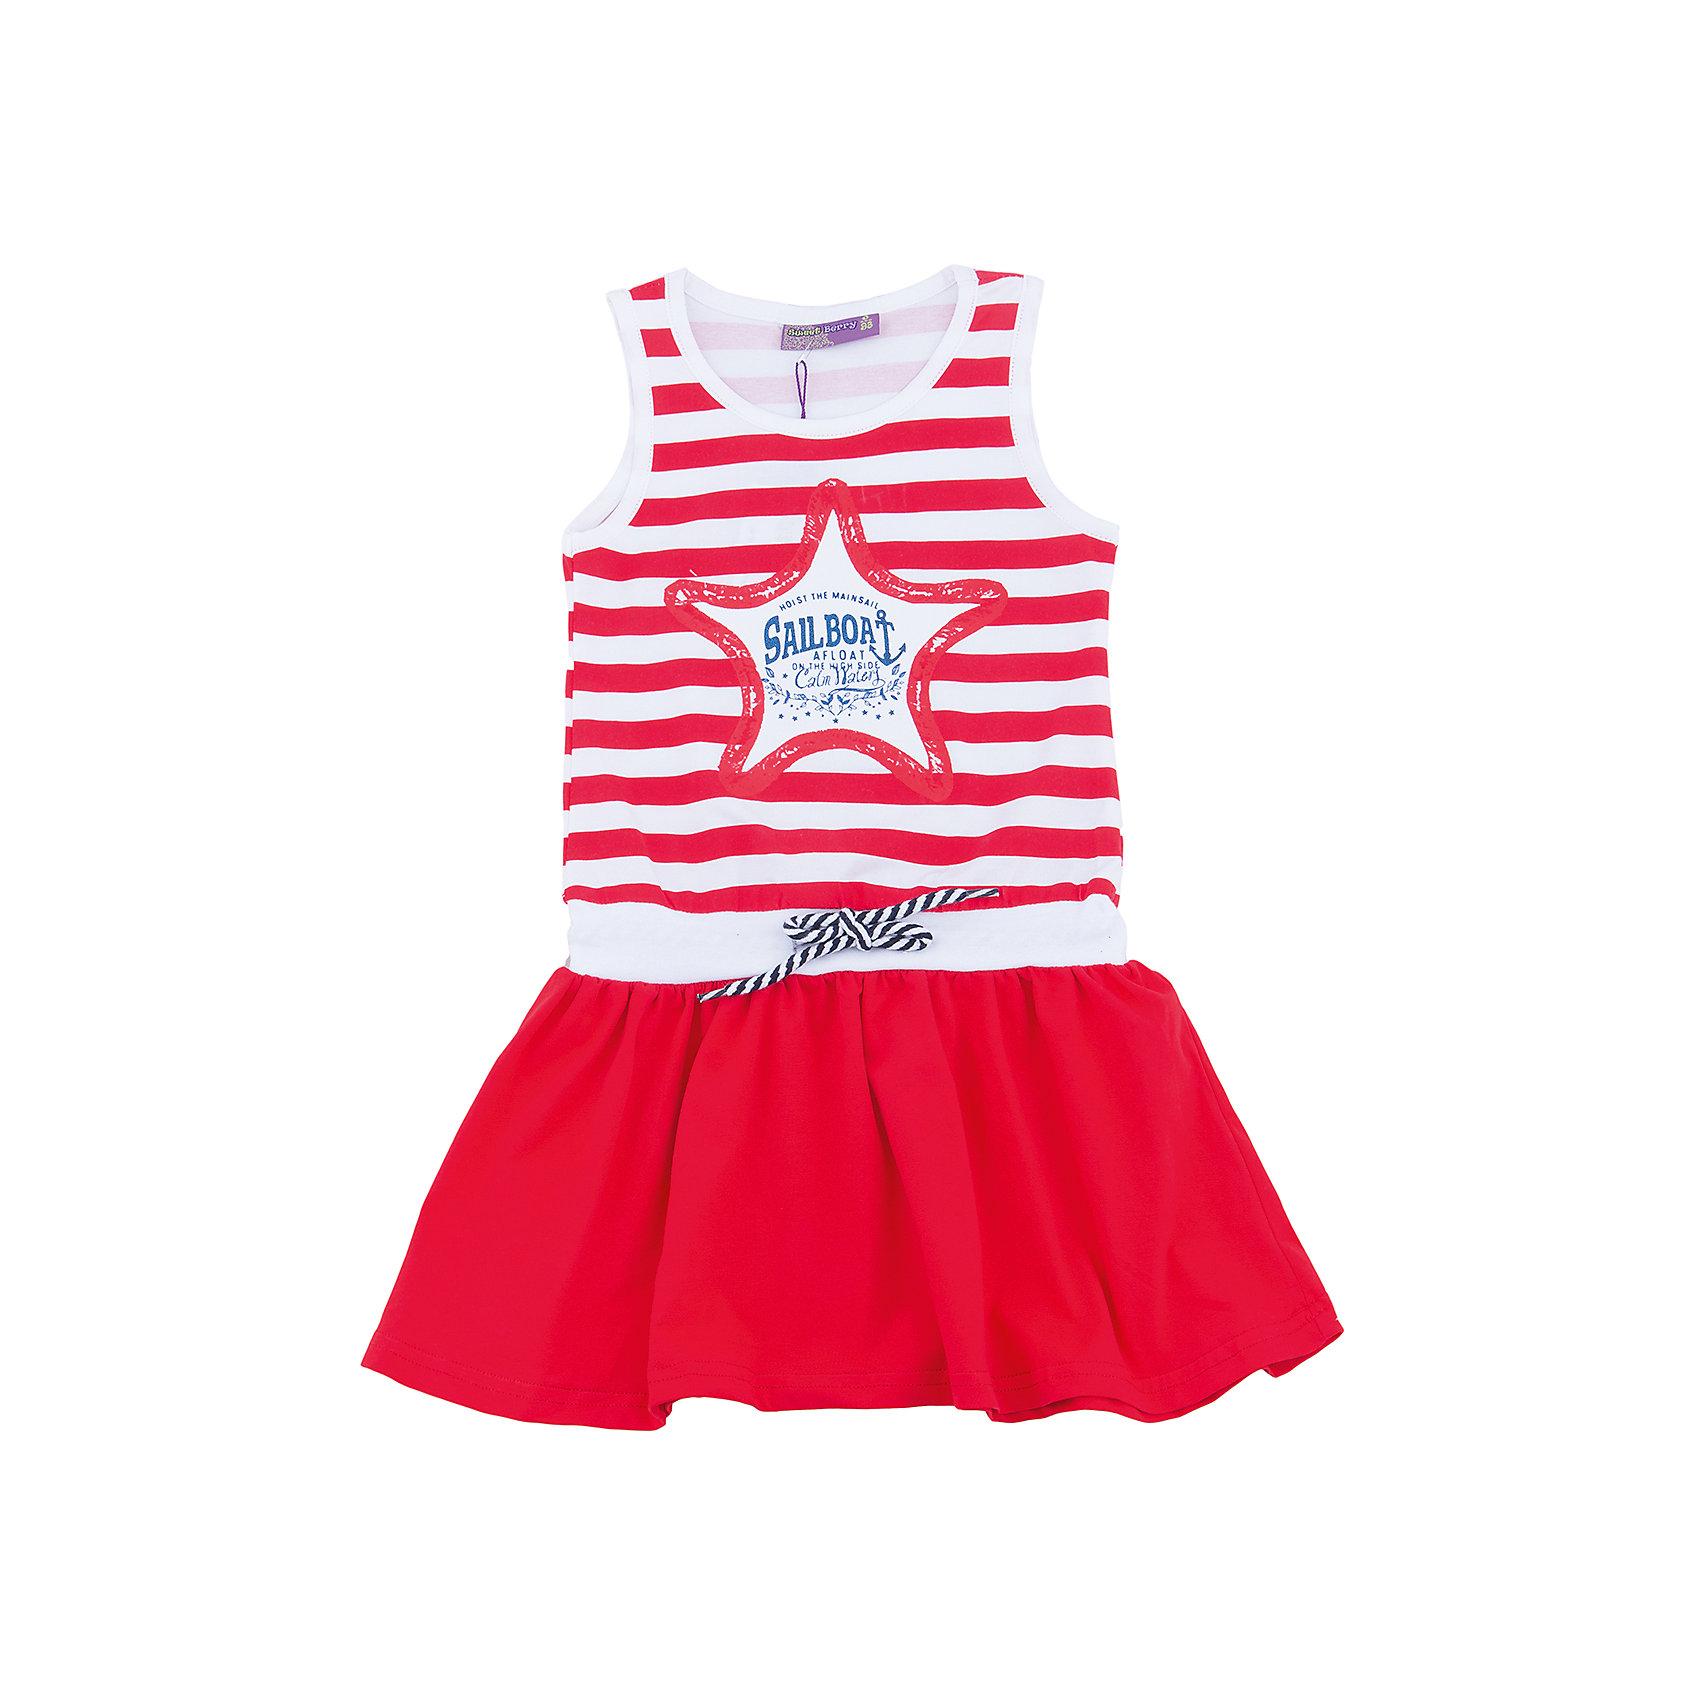 Платье для девочки Sweet BerryПлатья и сарафаны<br>Трикотажное платье для девочки без рукавов в полоску. Декрированно оригинальным принтом.<br>Состав:<br>100%хлопок<br><br>Ширина мм: 236<br>Глубина мм: 16<br>Высота мм: 184<br>Вес г: 177<br>Цвет: красный<br>Возраст от месяцев: 36<br>Возраст до месяцев: 48<br>Пол: Женский<br>Возраст: Детский<br>Размер: 122,104,98,110,116,128<br>SKU: 5412155